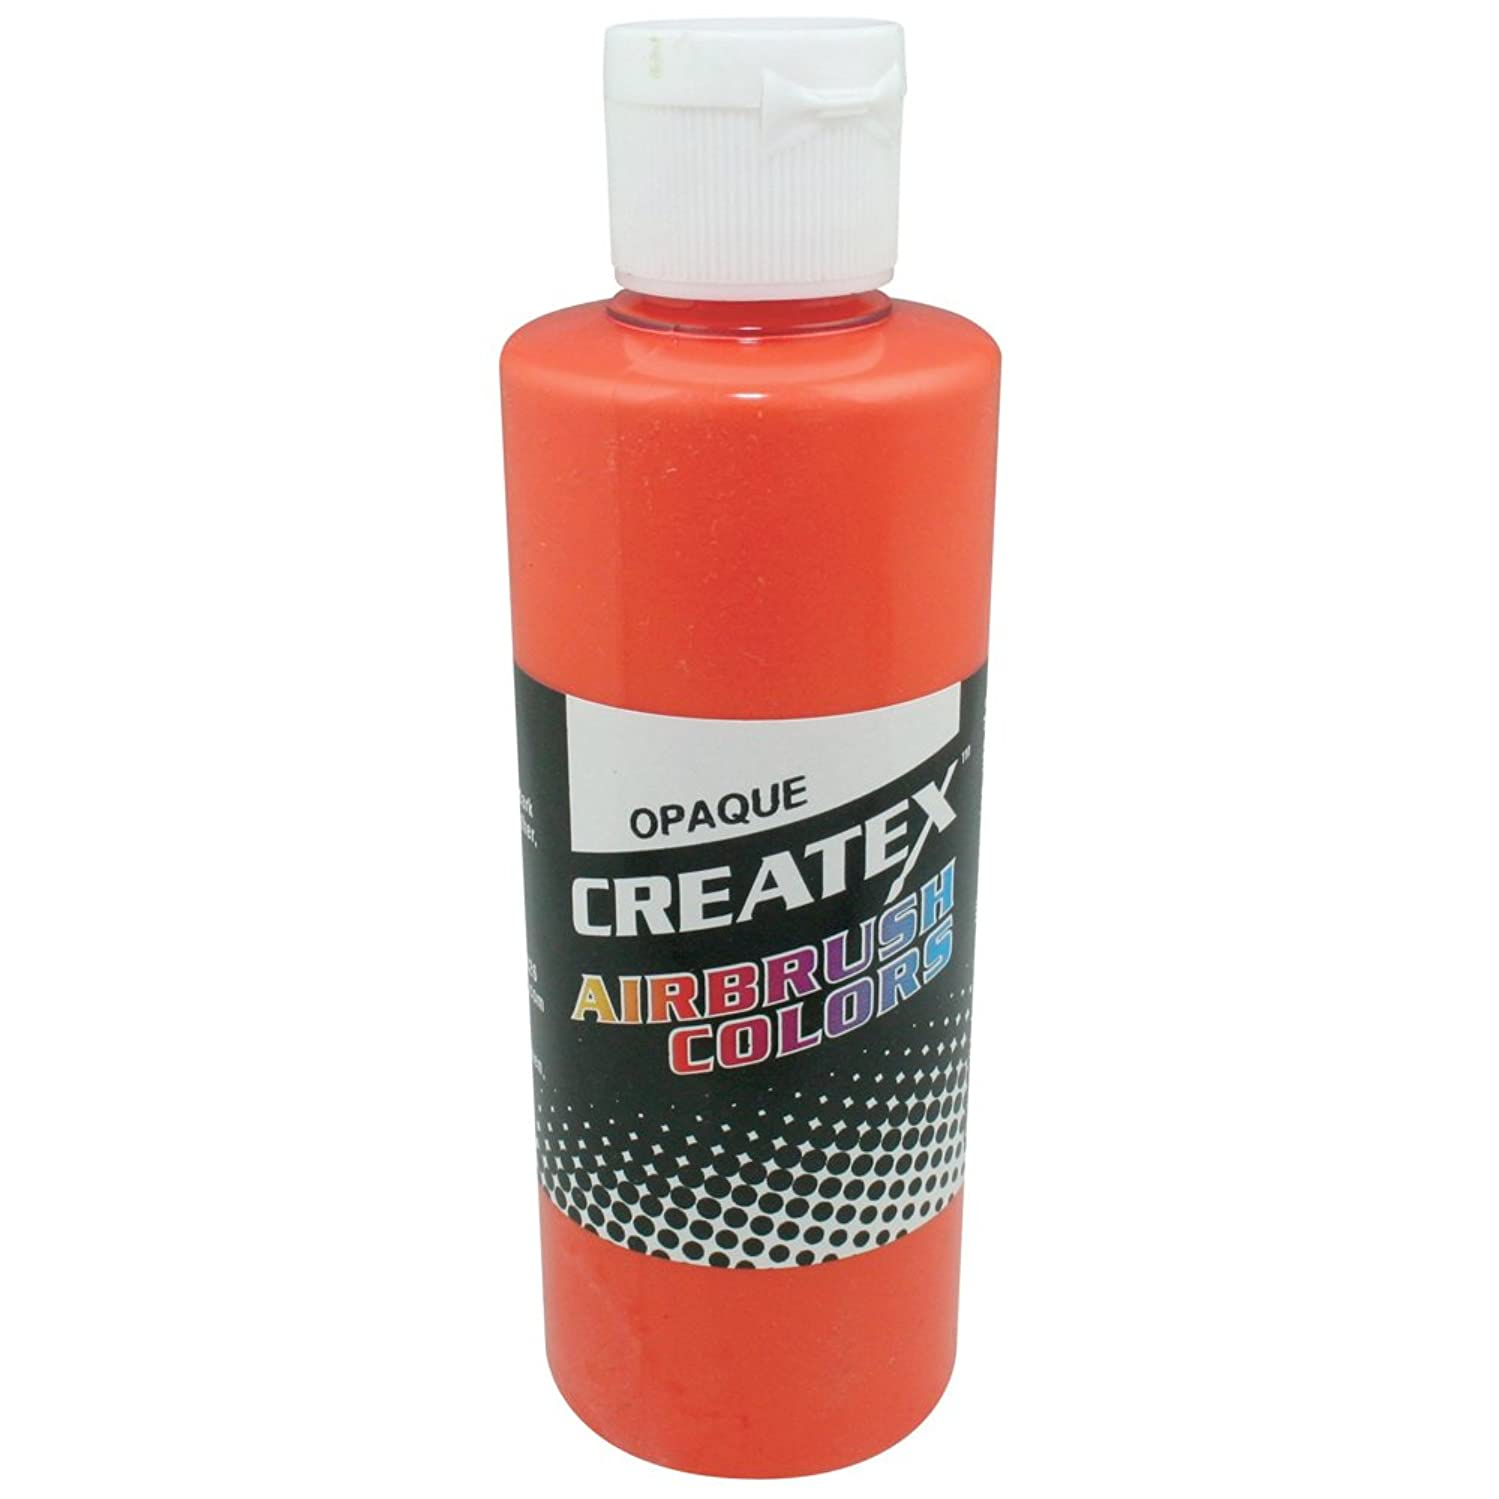 Createx Airbrush Paint, Opaque Coral, 2 oz (5208-02)